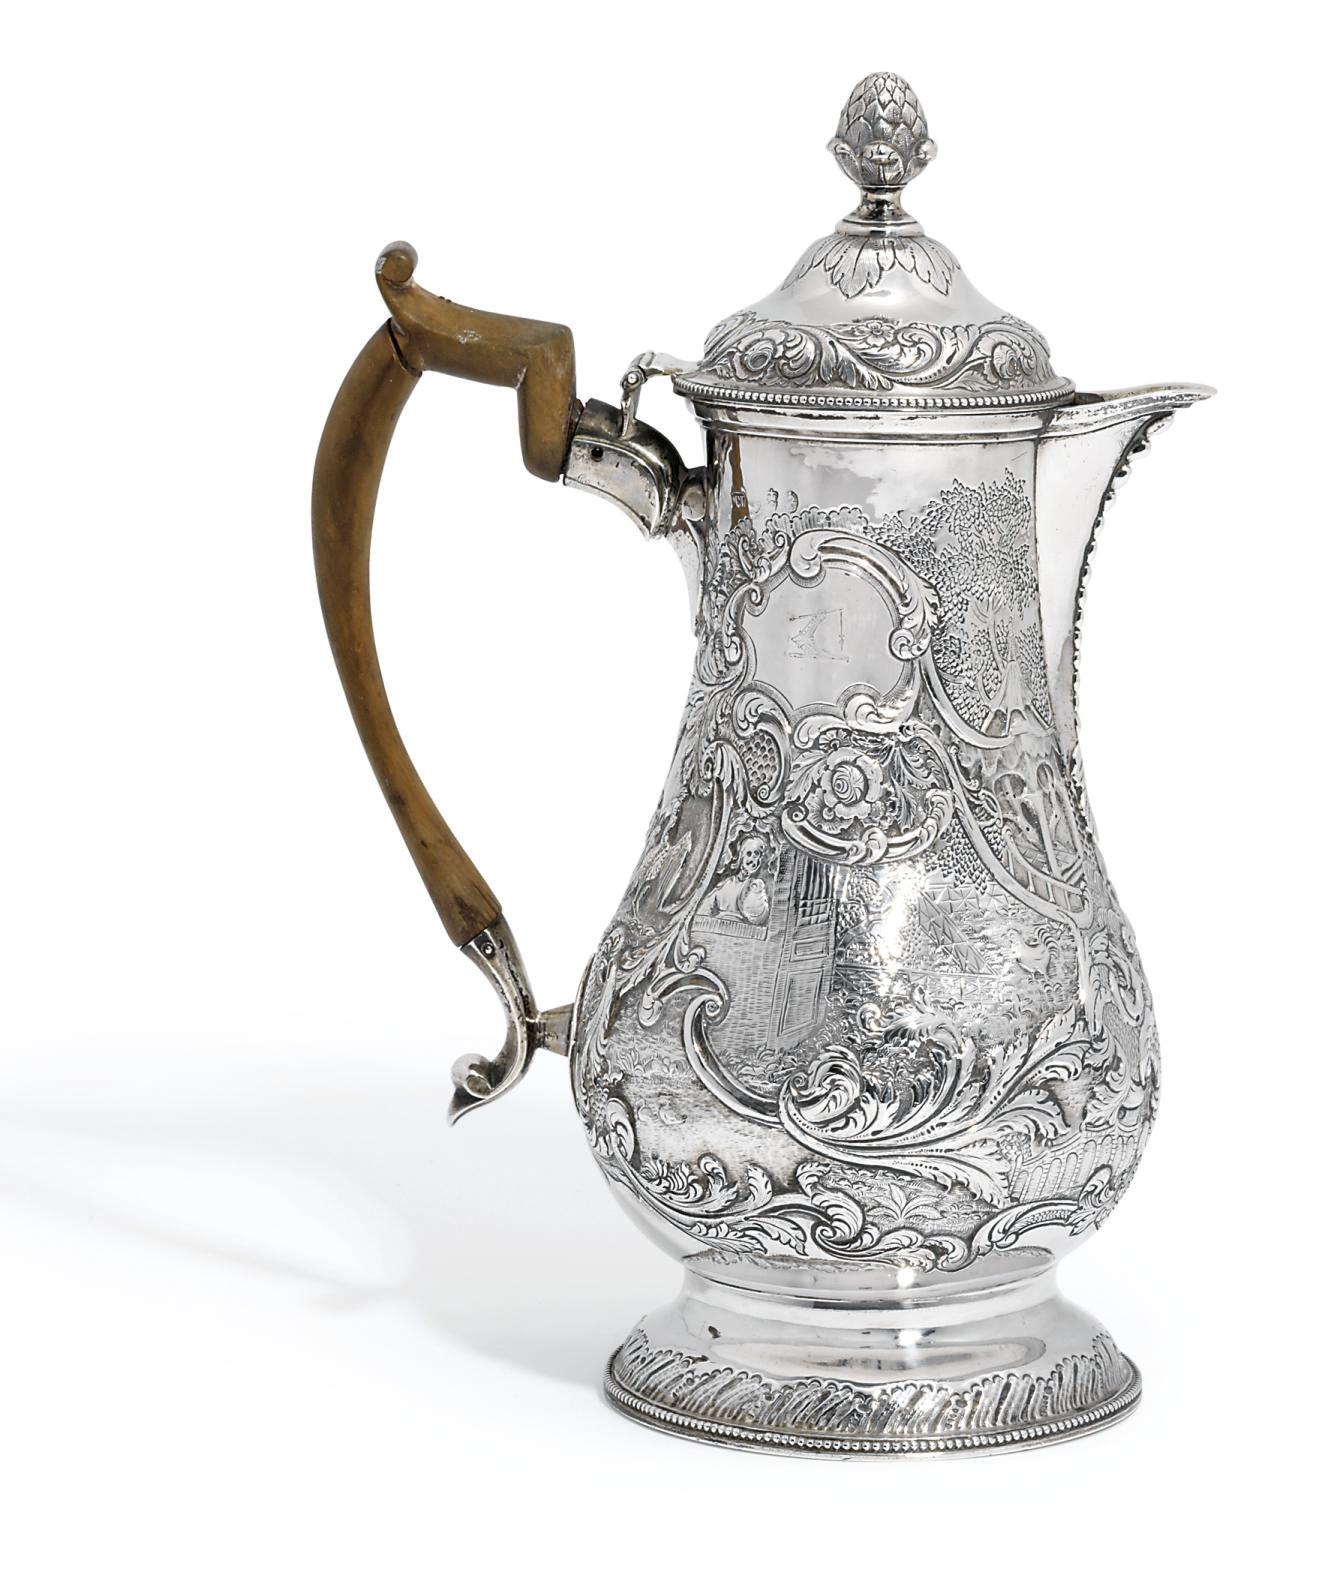 A GEORGE III IRISH SILVER COFFEE-JUG